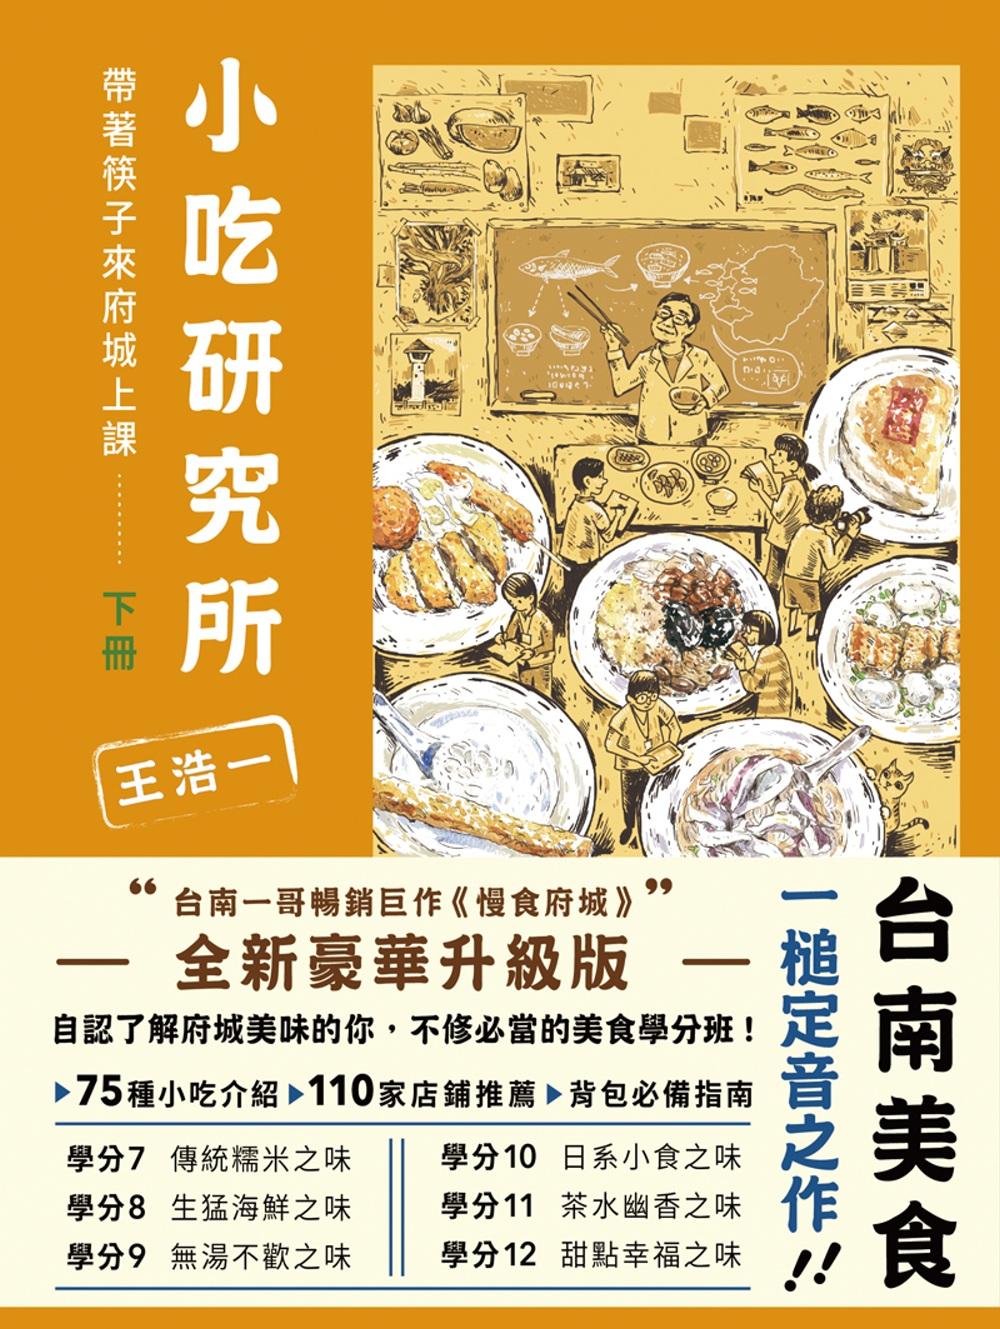 小吃研究所:帶著筷子來府城上課(下)